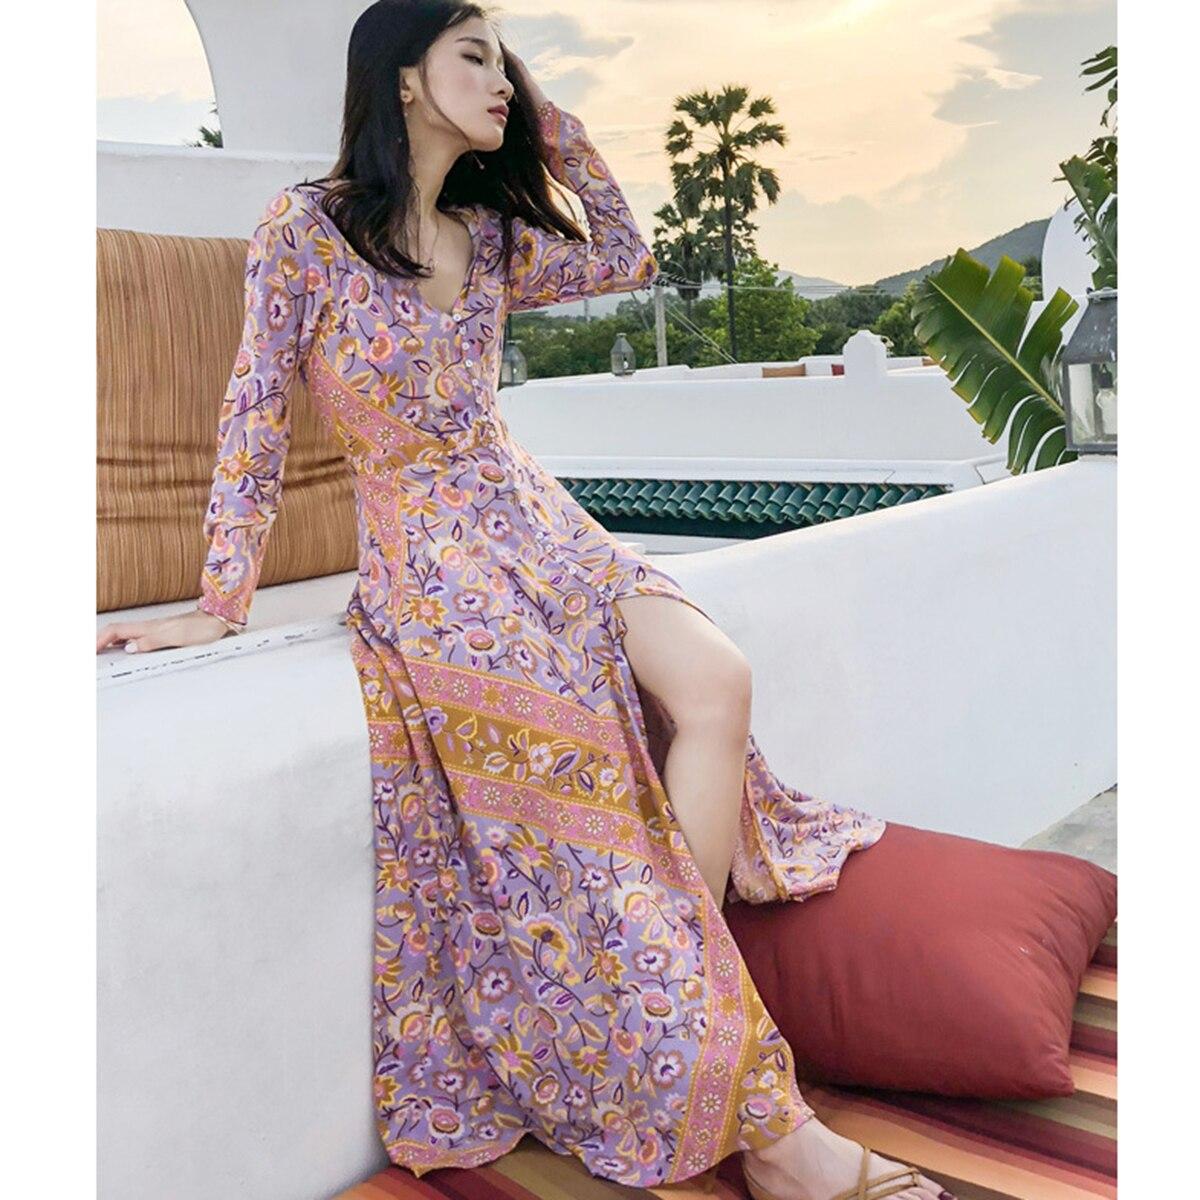 Rose Floral Boho Maxi Robe Femmes 2019 Été Automne À Manches Longues Col En V Bouton-up Sexy Robe Élégante Plage D'impression gypsy Long Robe